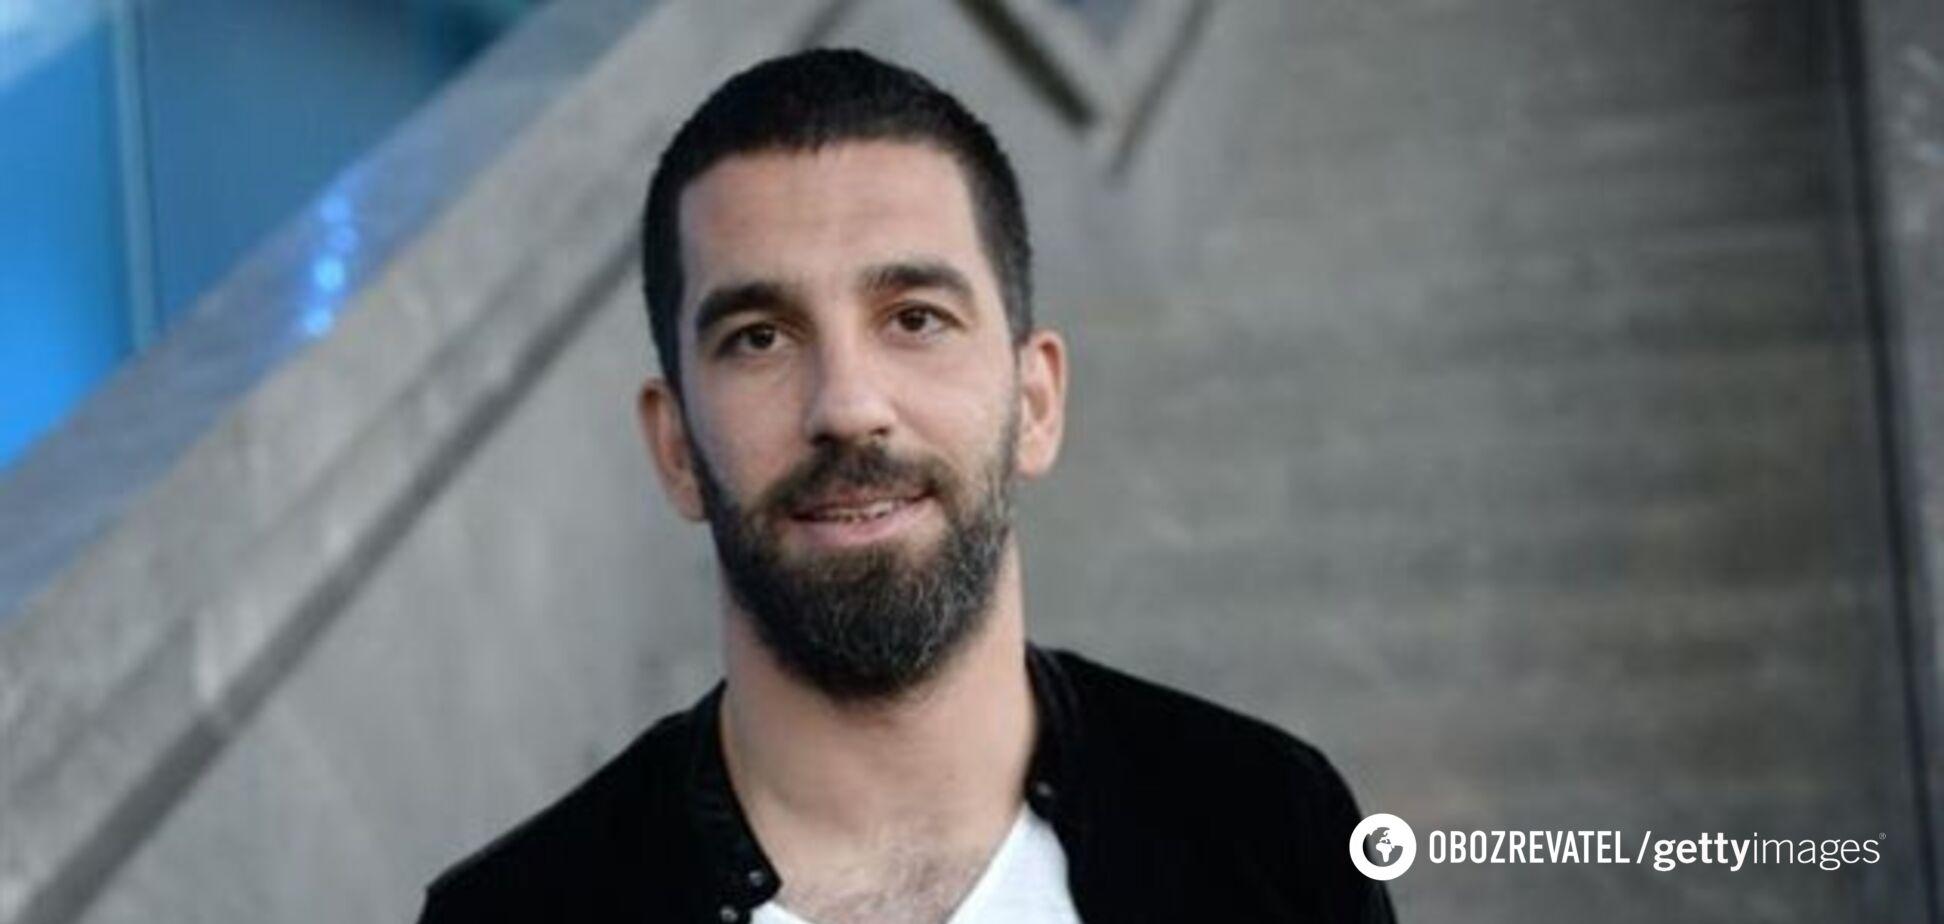 Экс-звезда 'Барселоны' получил тюремный срок